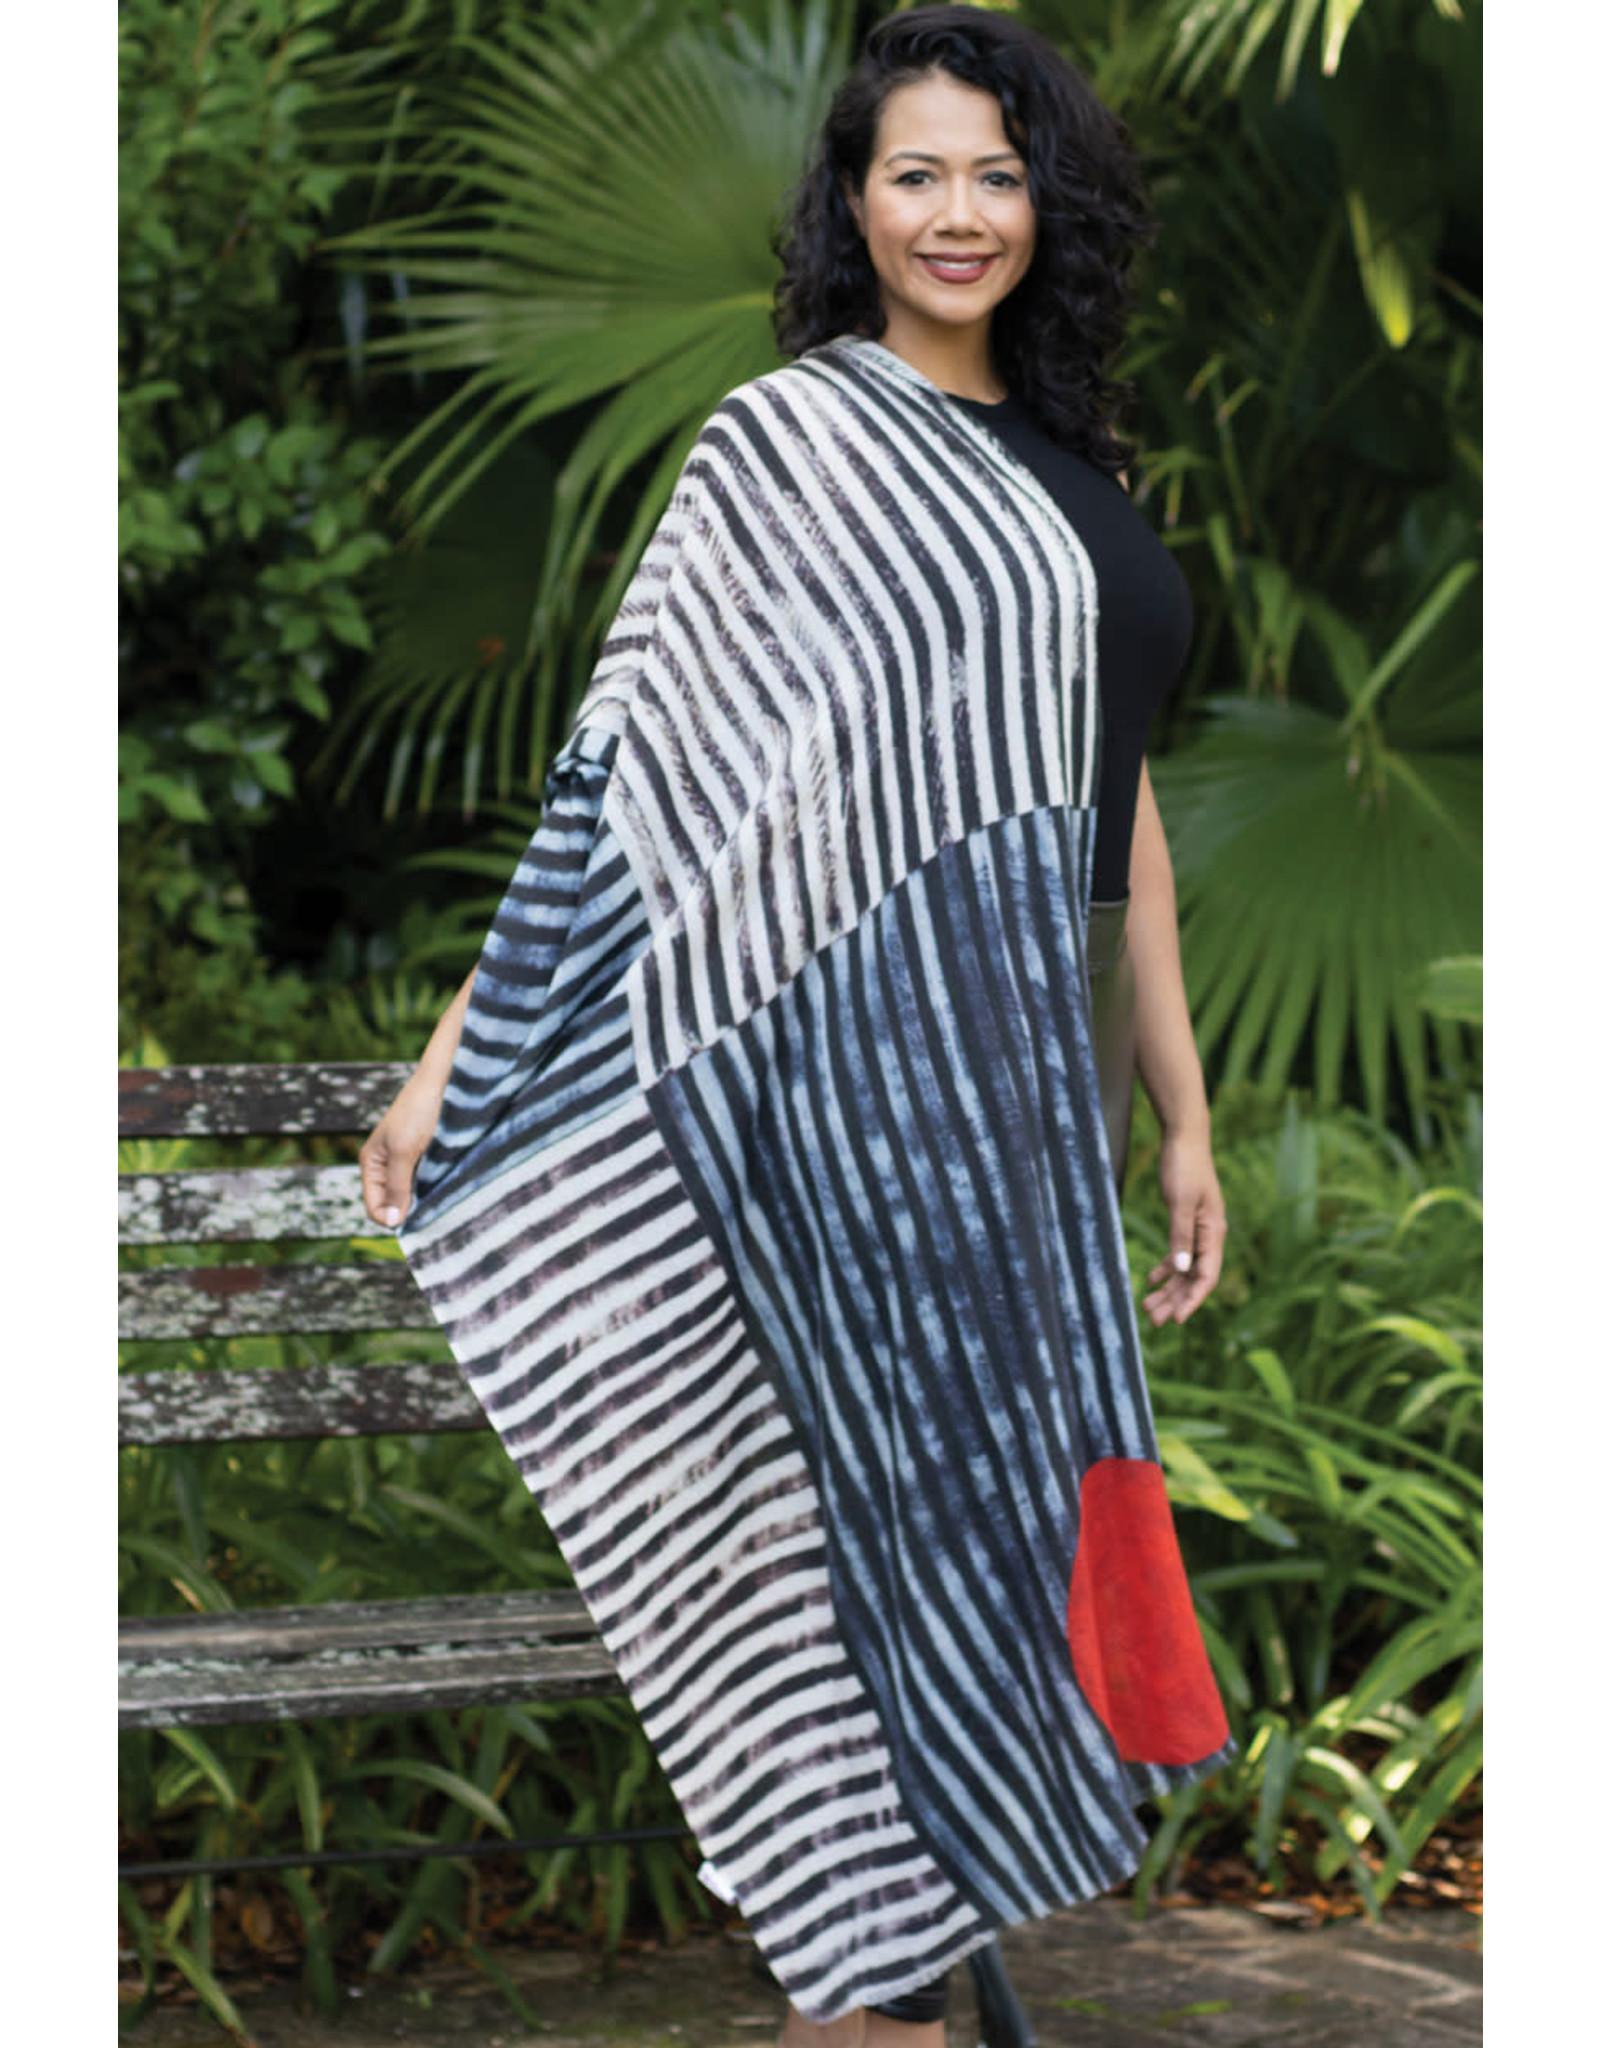 Reena Wool Scarf, Red Sun, India